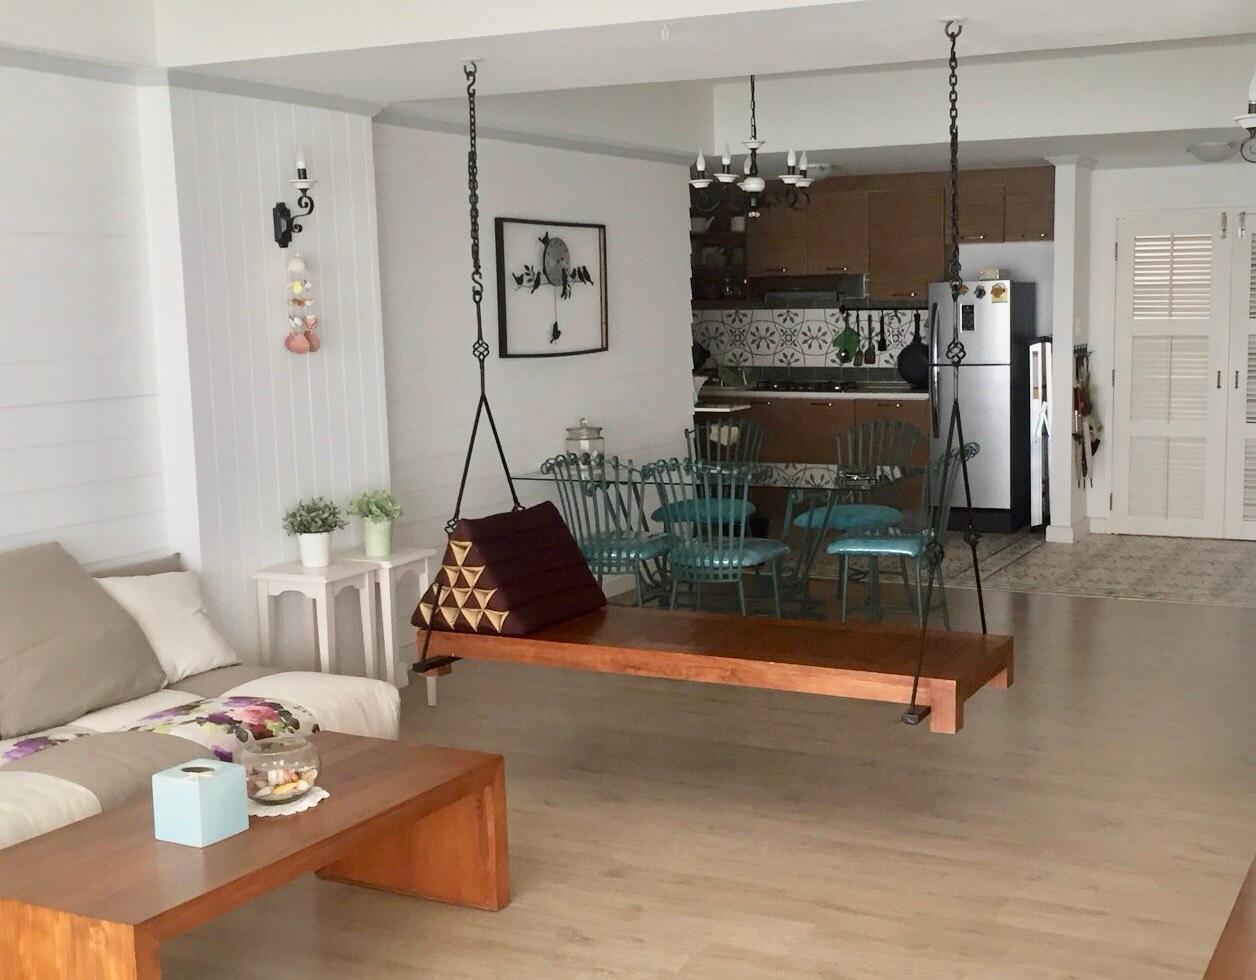 อพาร์ตเมนต์ 1 ห้องนอน 1 ห้องน้ำส่วนตัว ขนาด 100 ตร.ม. – หาดเจ้าสำราญ